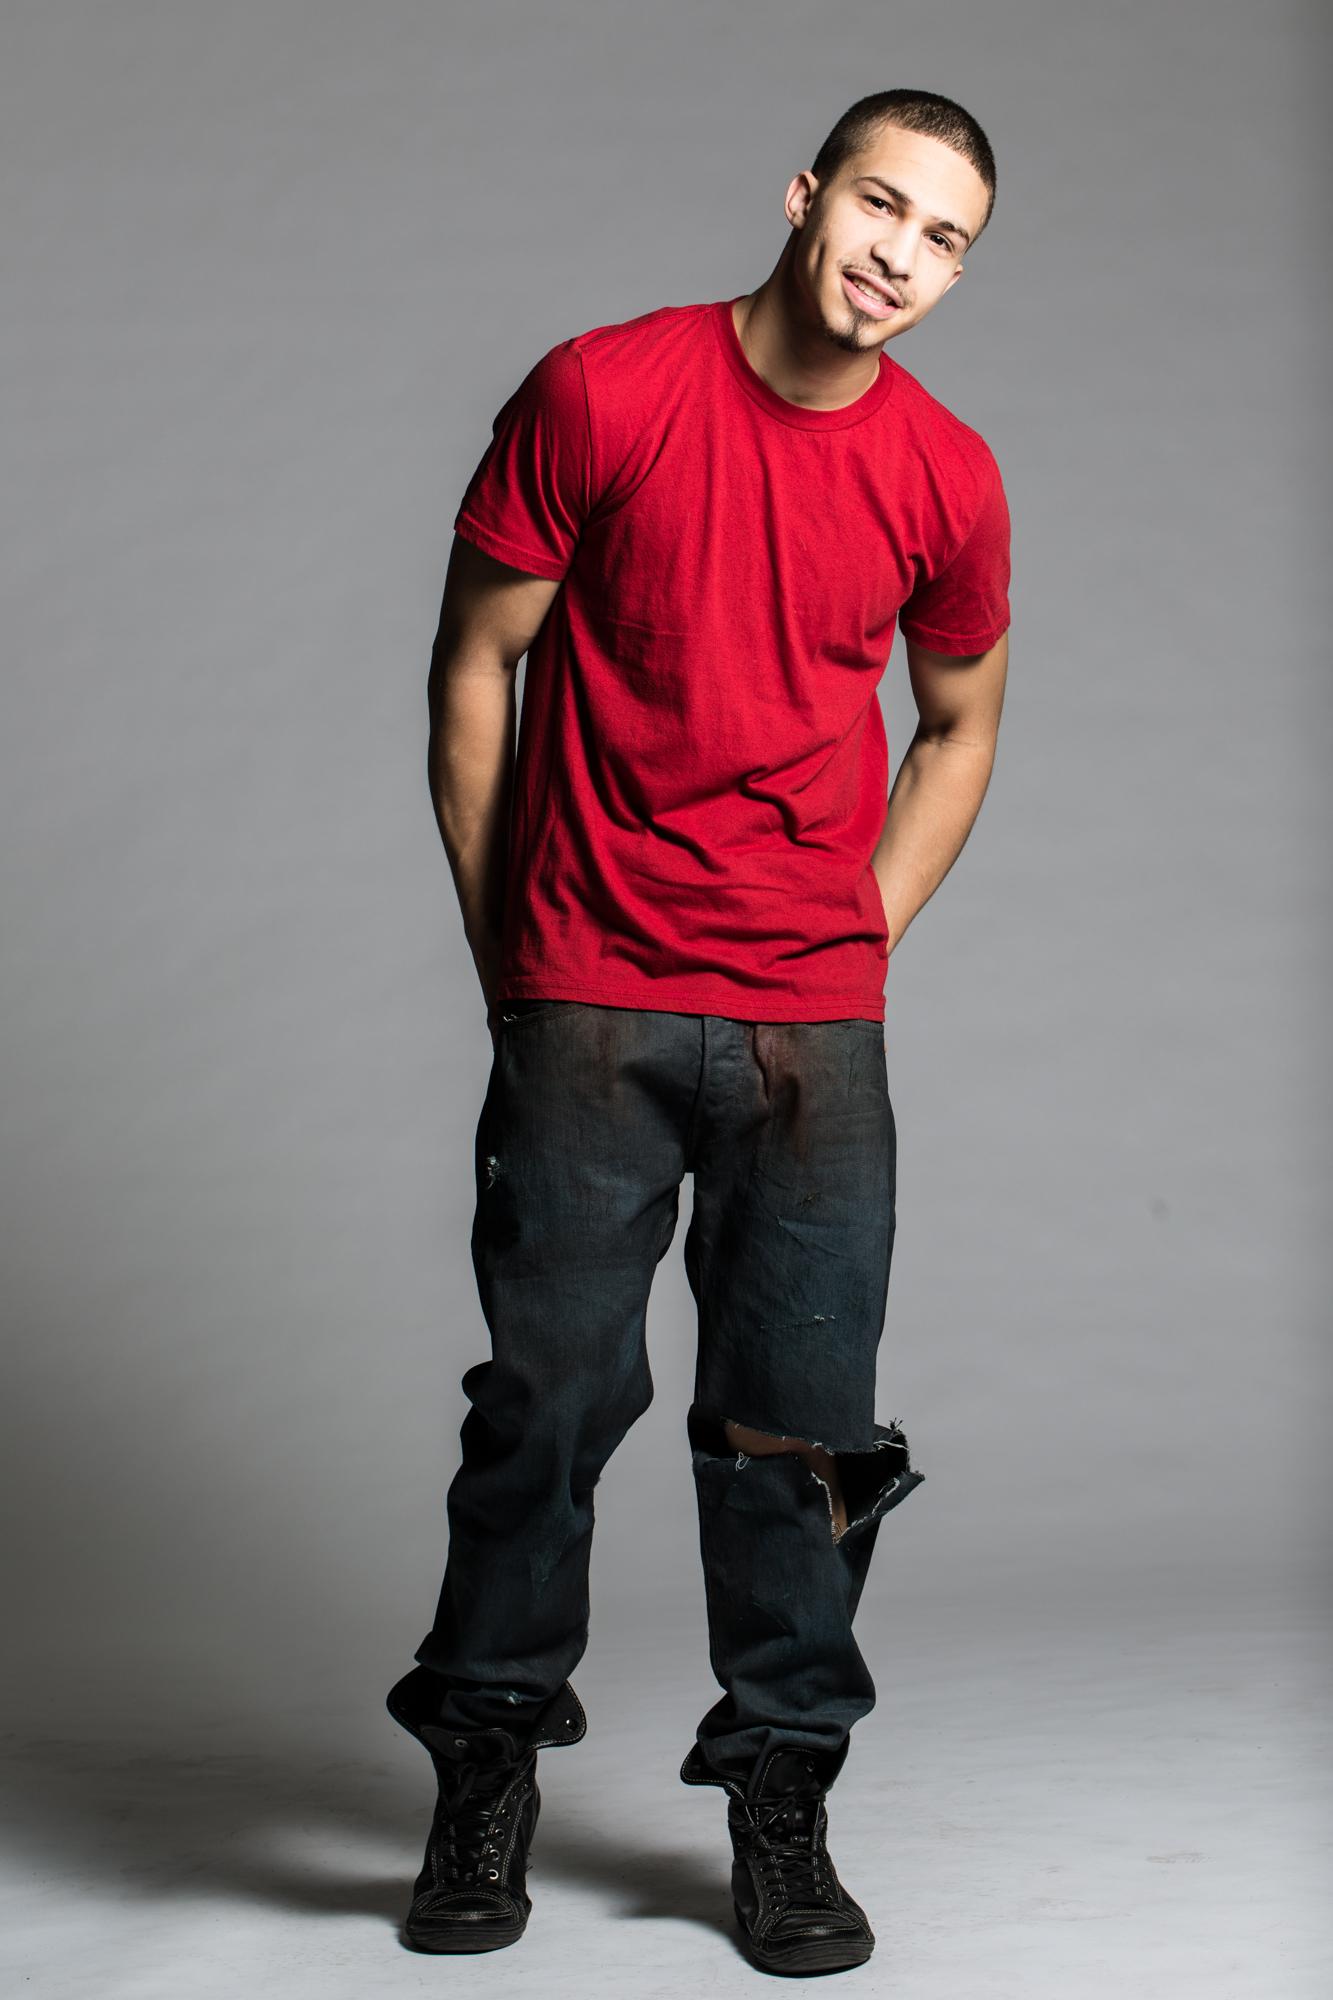 Zachary Ochoa